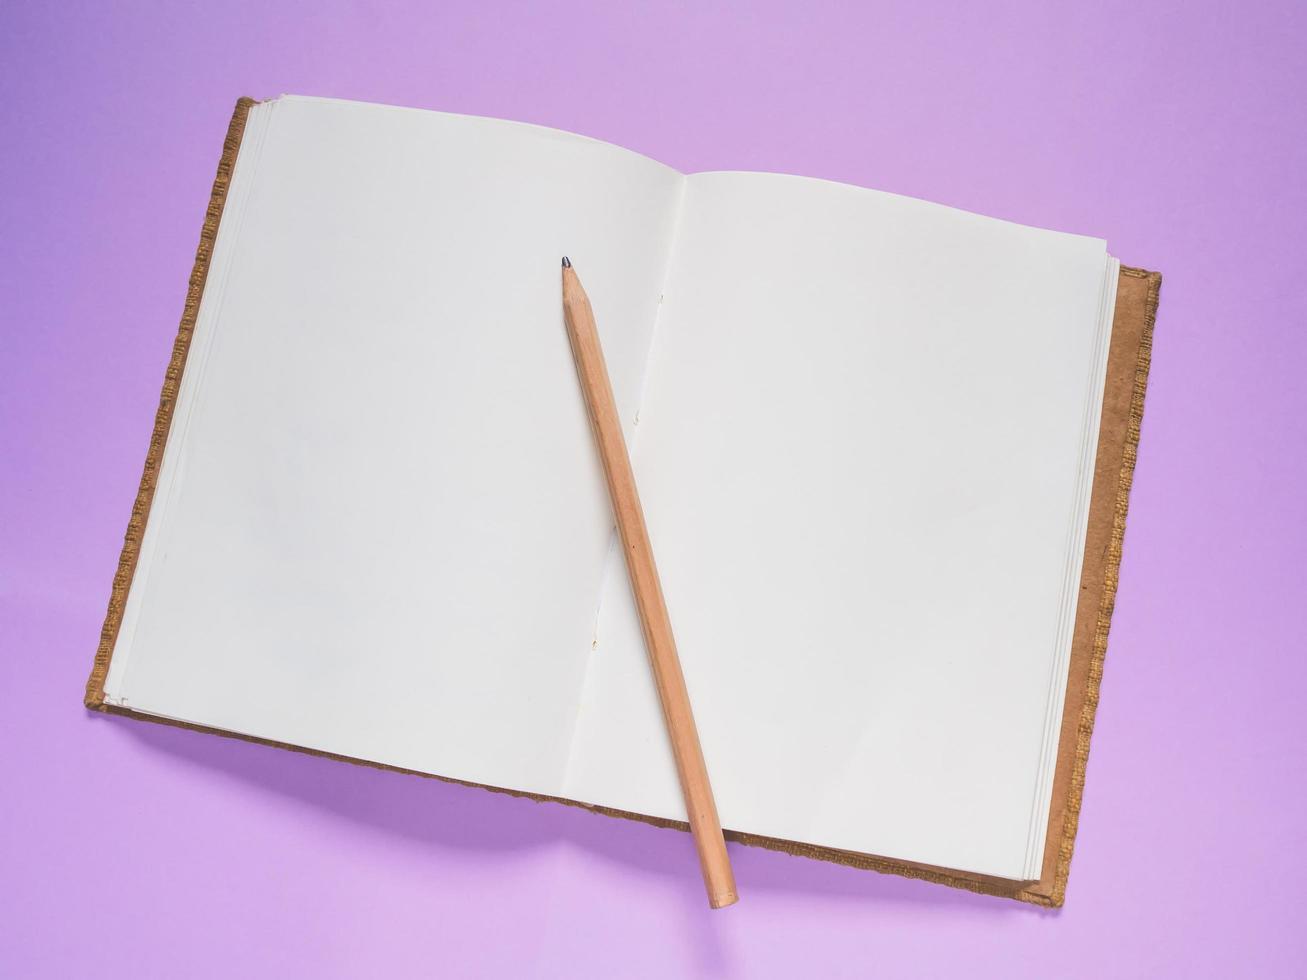 cuaderno escolar sobre un fondo morado foto